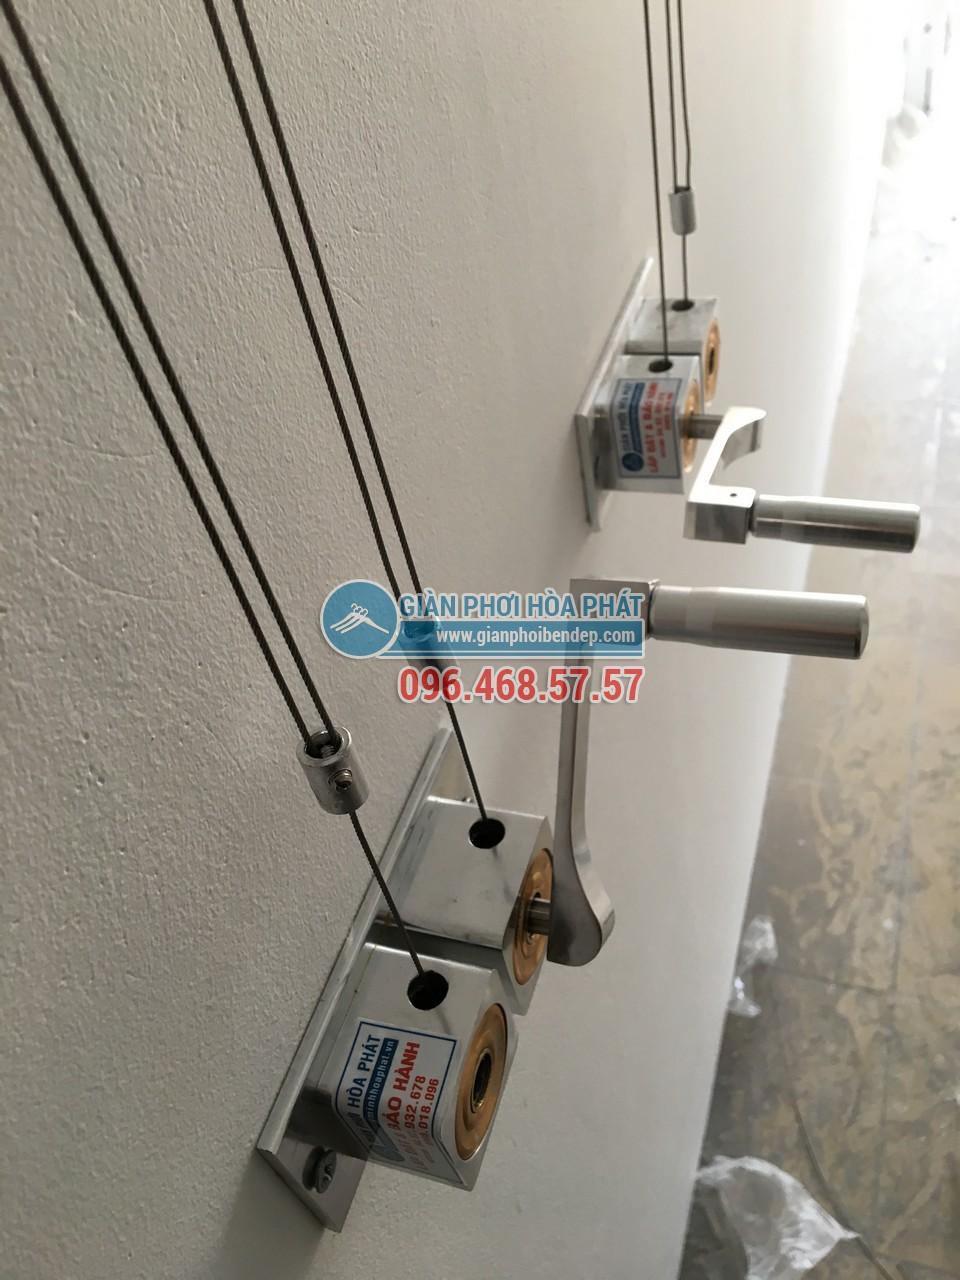 Lô gia dài hẹp thêm tiện ích nhờ lắp đặt giàn phơi thông minh nhà chị Hòa, Golden West - 01